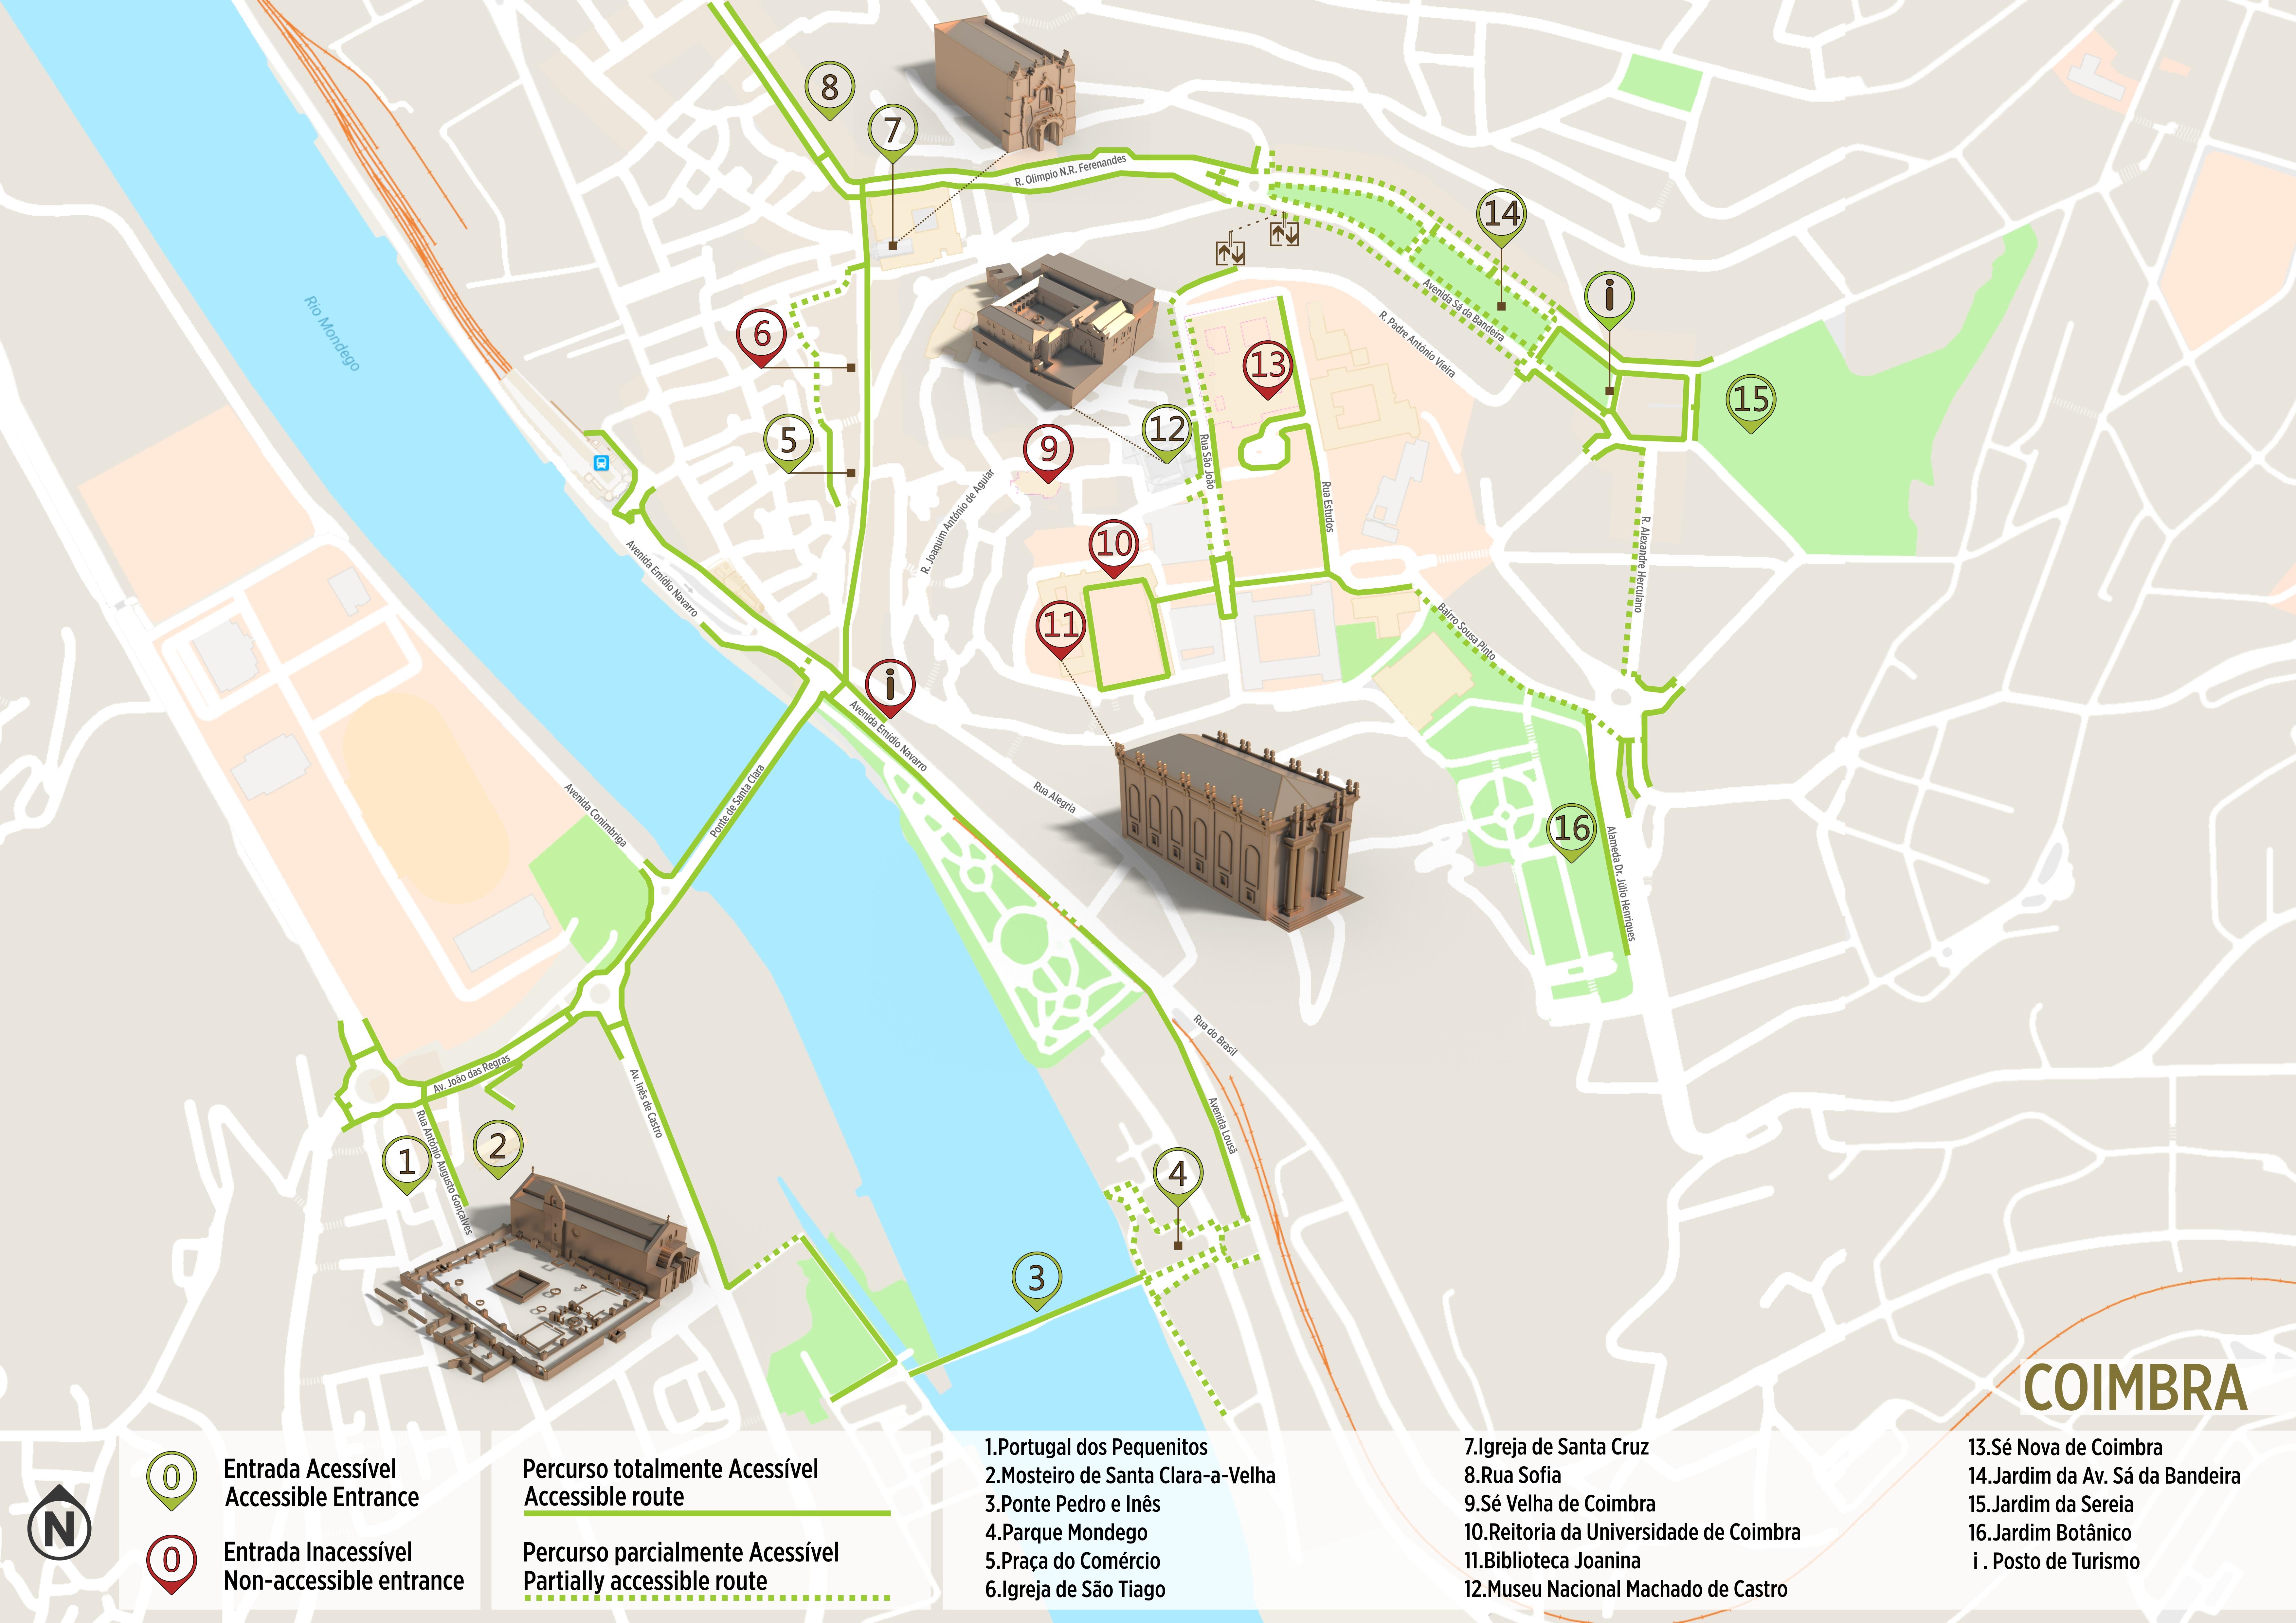 mapa das ruas de coimbra Coimbra   Itinerário Acessível | .visitportugal.com mapa das ruas de coimbra